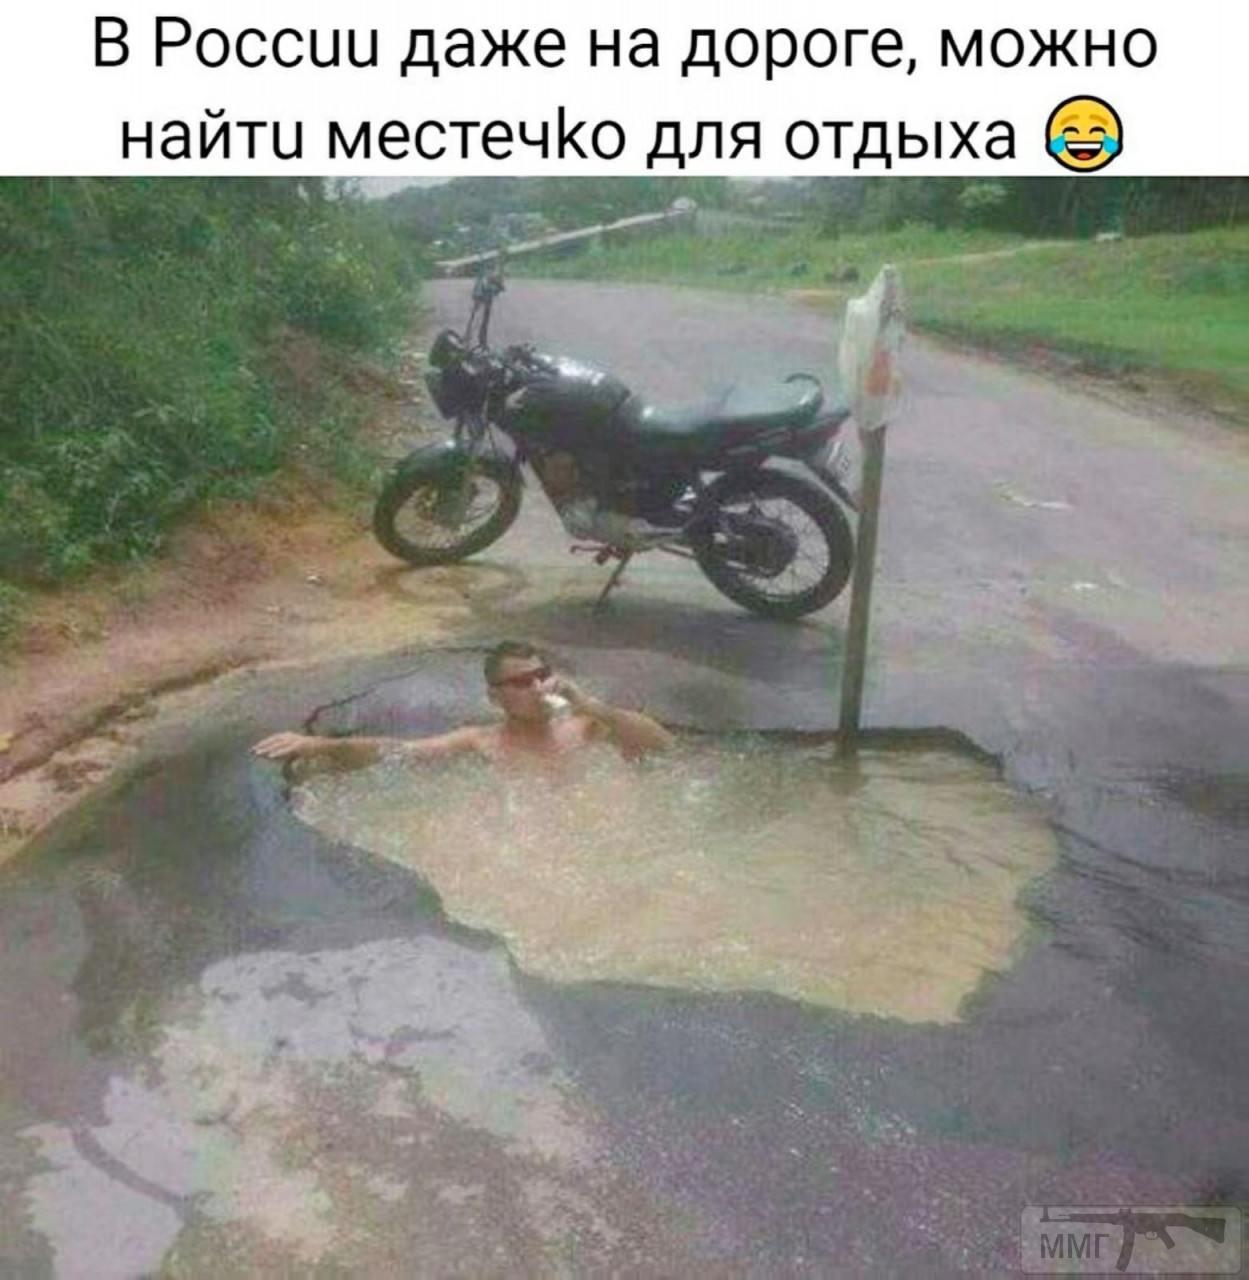 109457 - А в России чудеса!